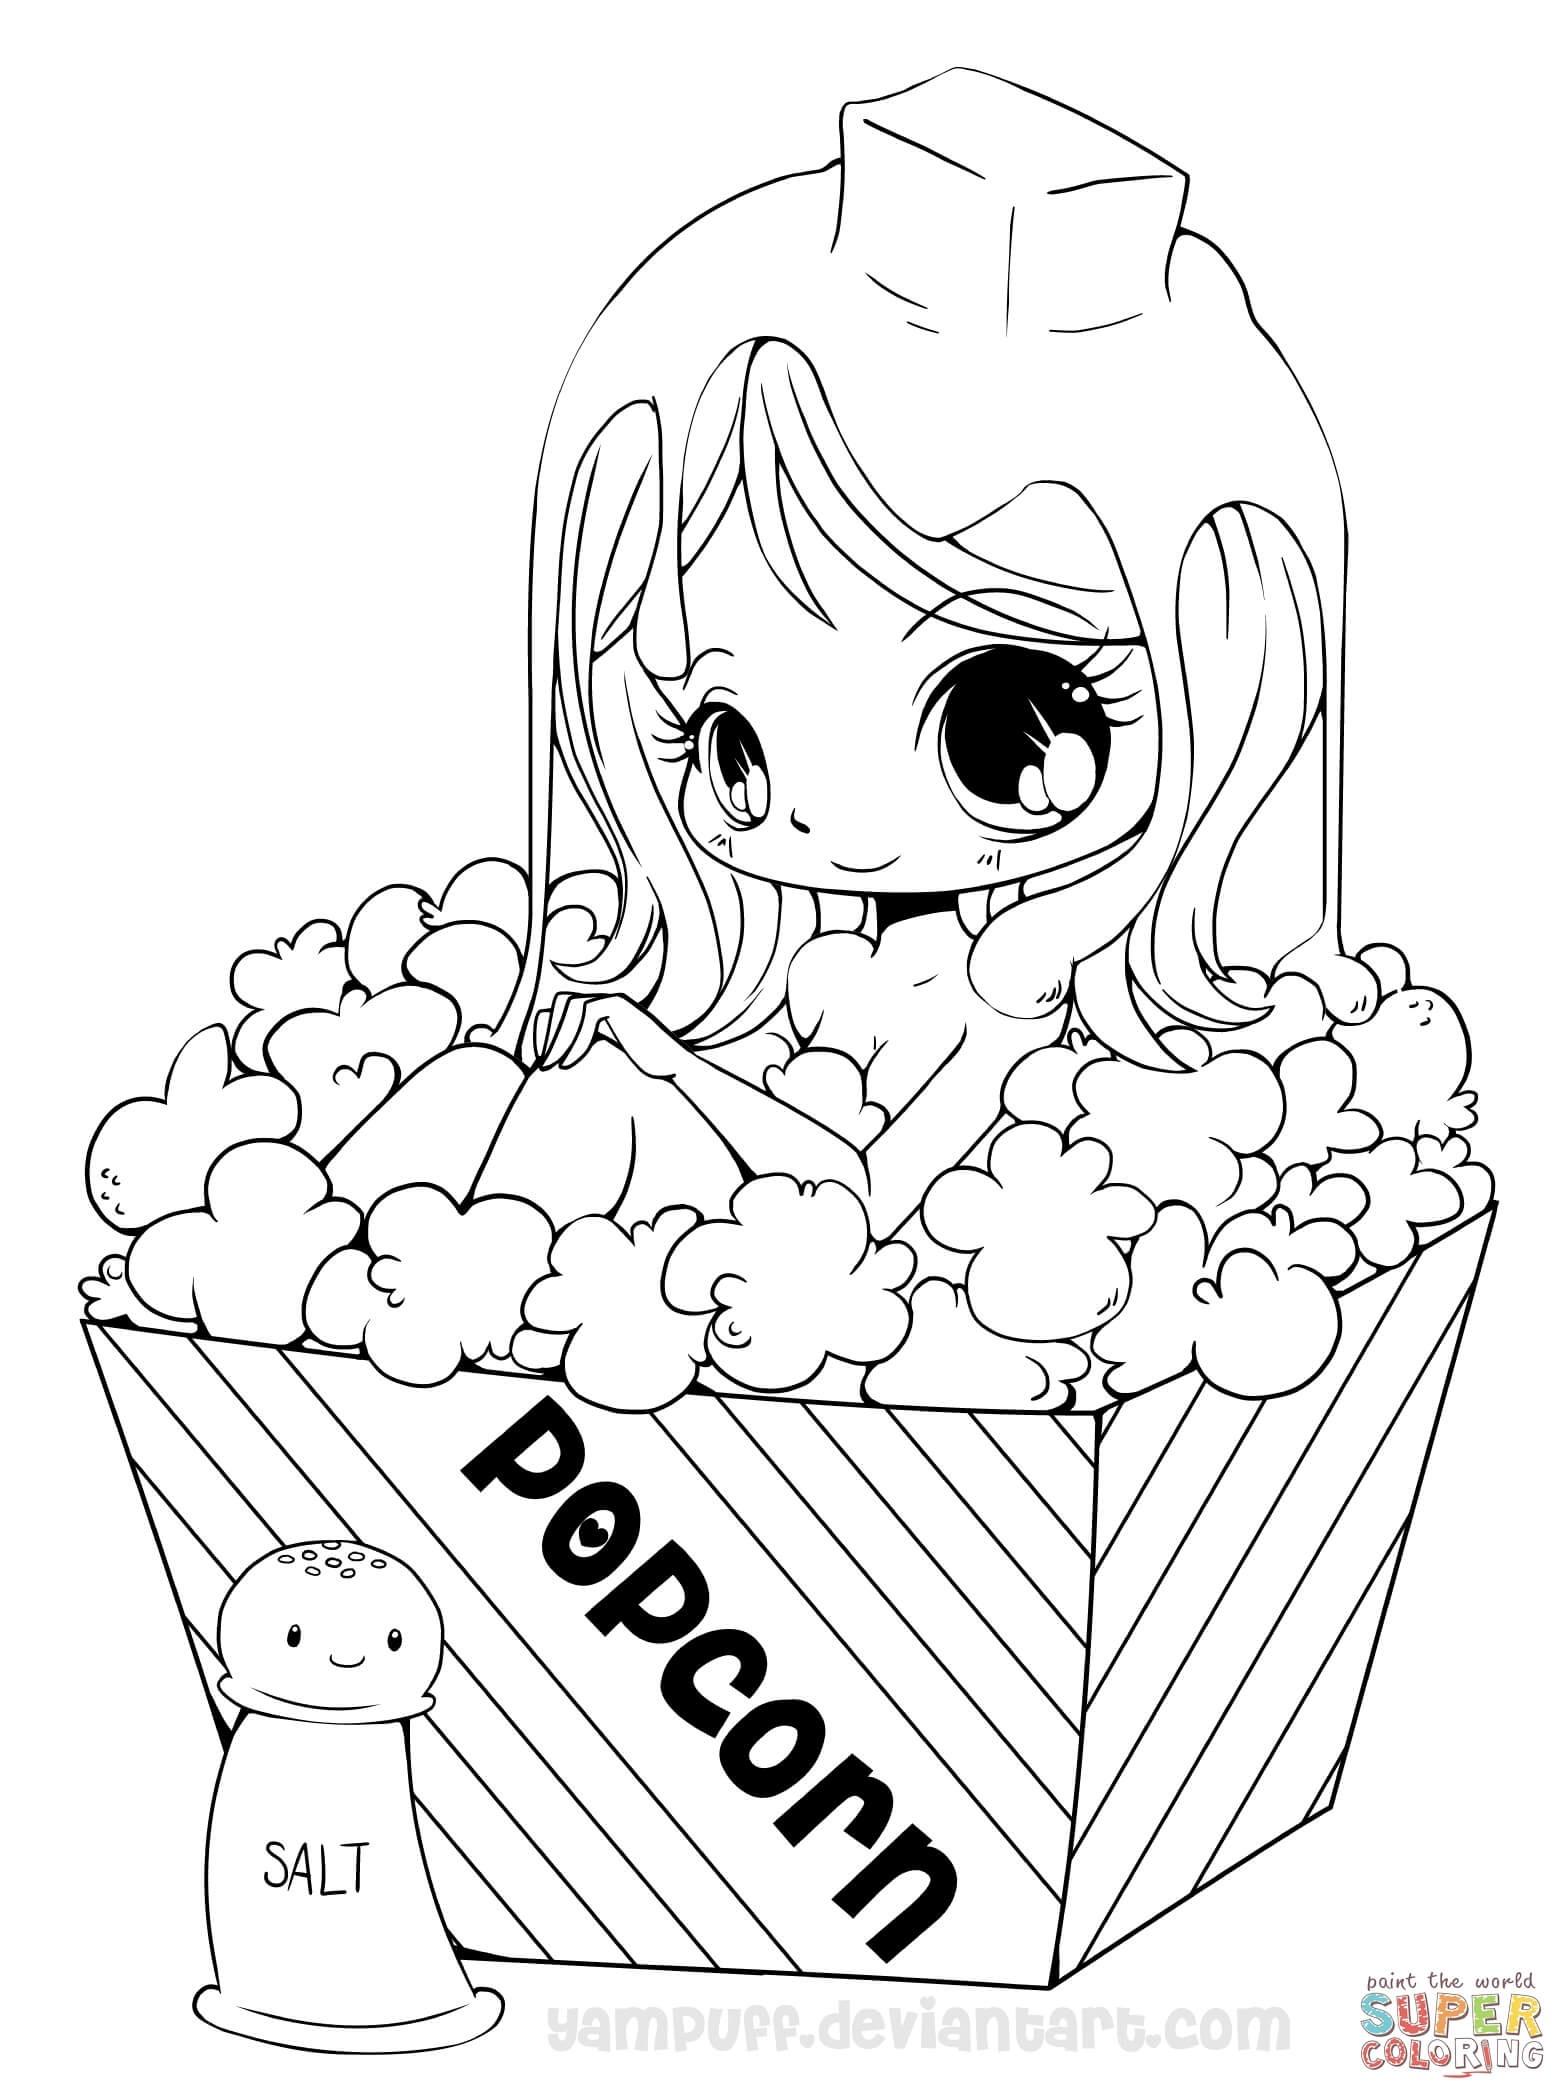 Chibi Popcorn Girl Coloring Page | Free Printable Coloring Pages - Free Printable Coloring Pages For Girls